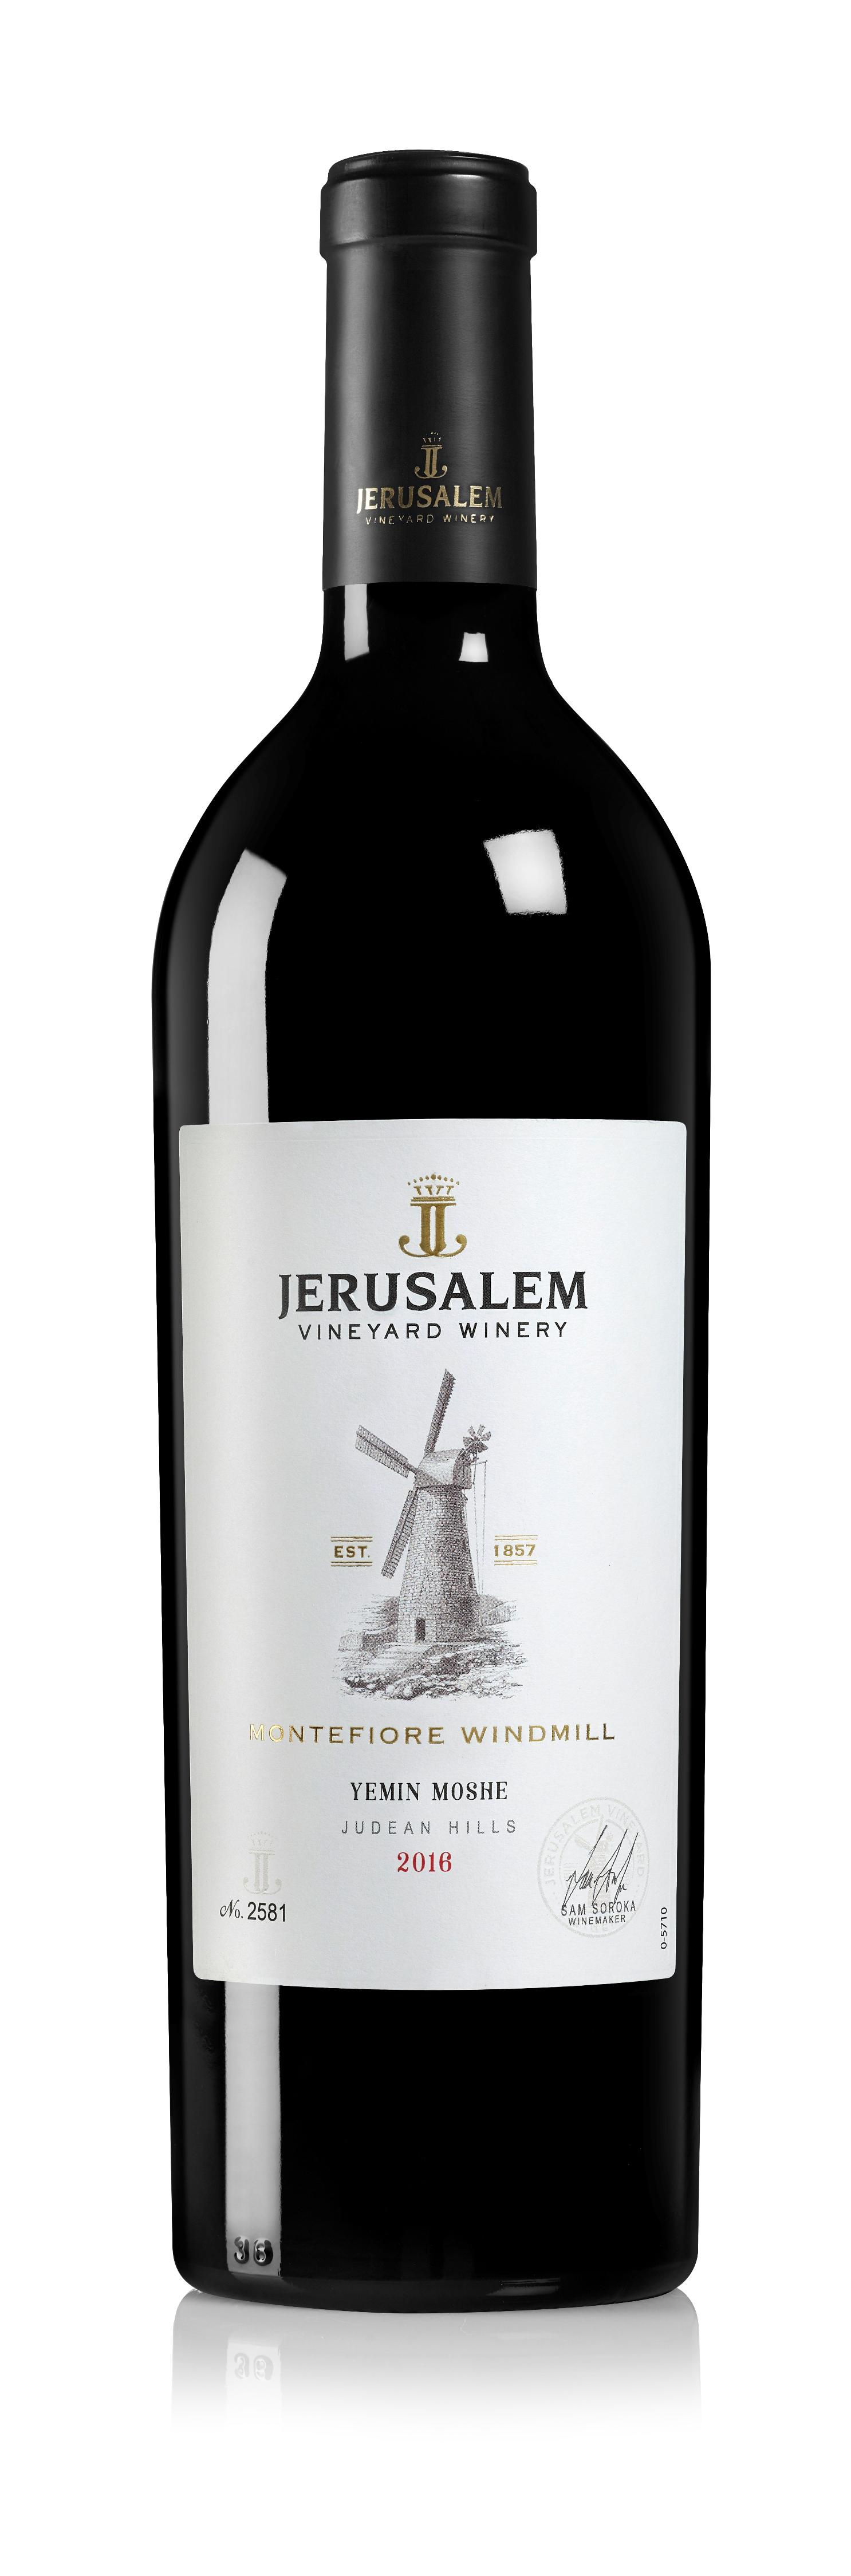 יין אדום ימין משה מסדרת הטחנה של יקבי ירושלים - 170 שח. צילום יחצ